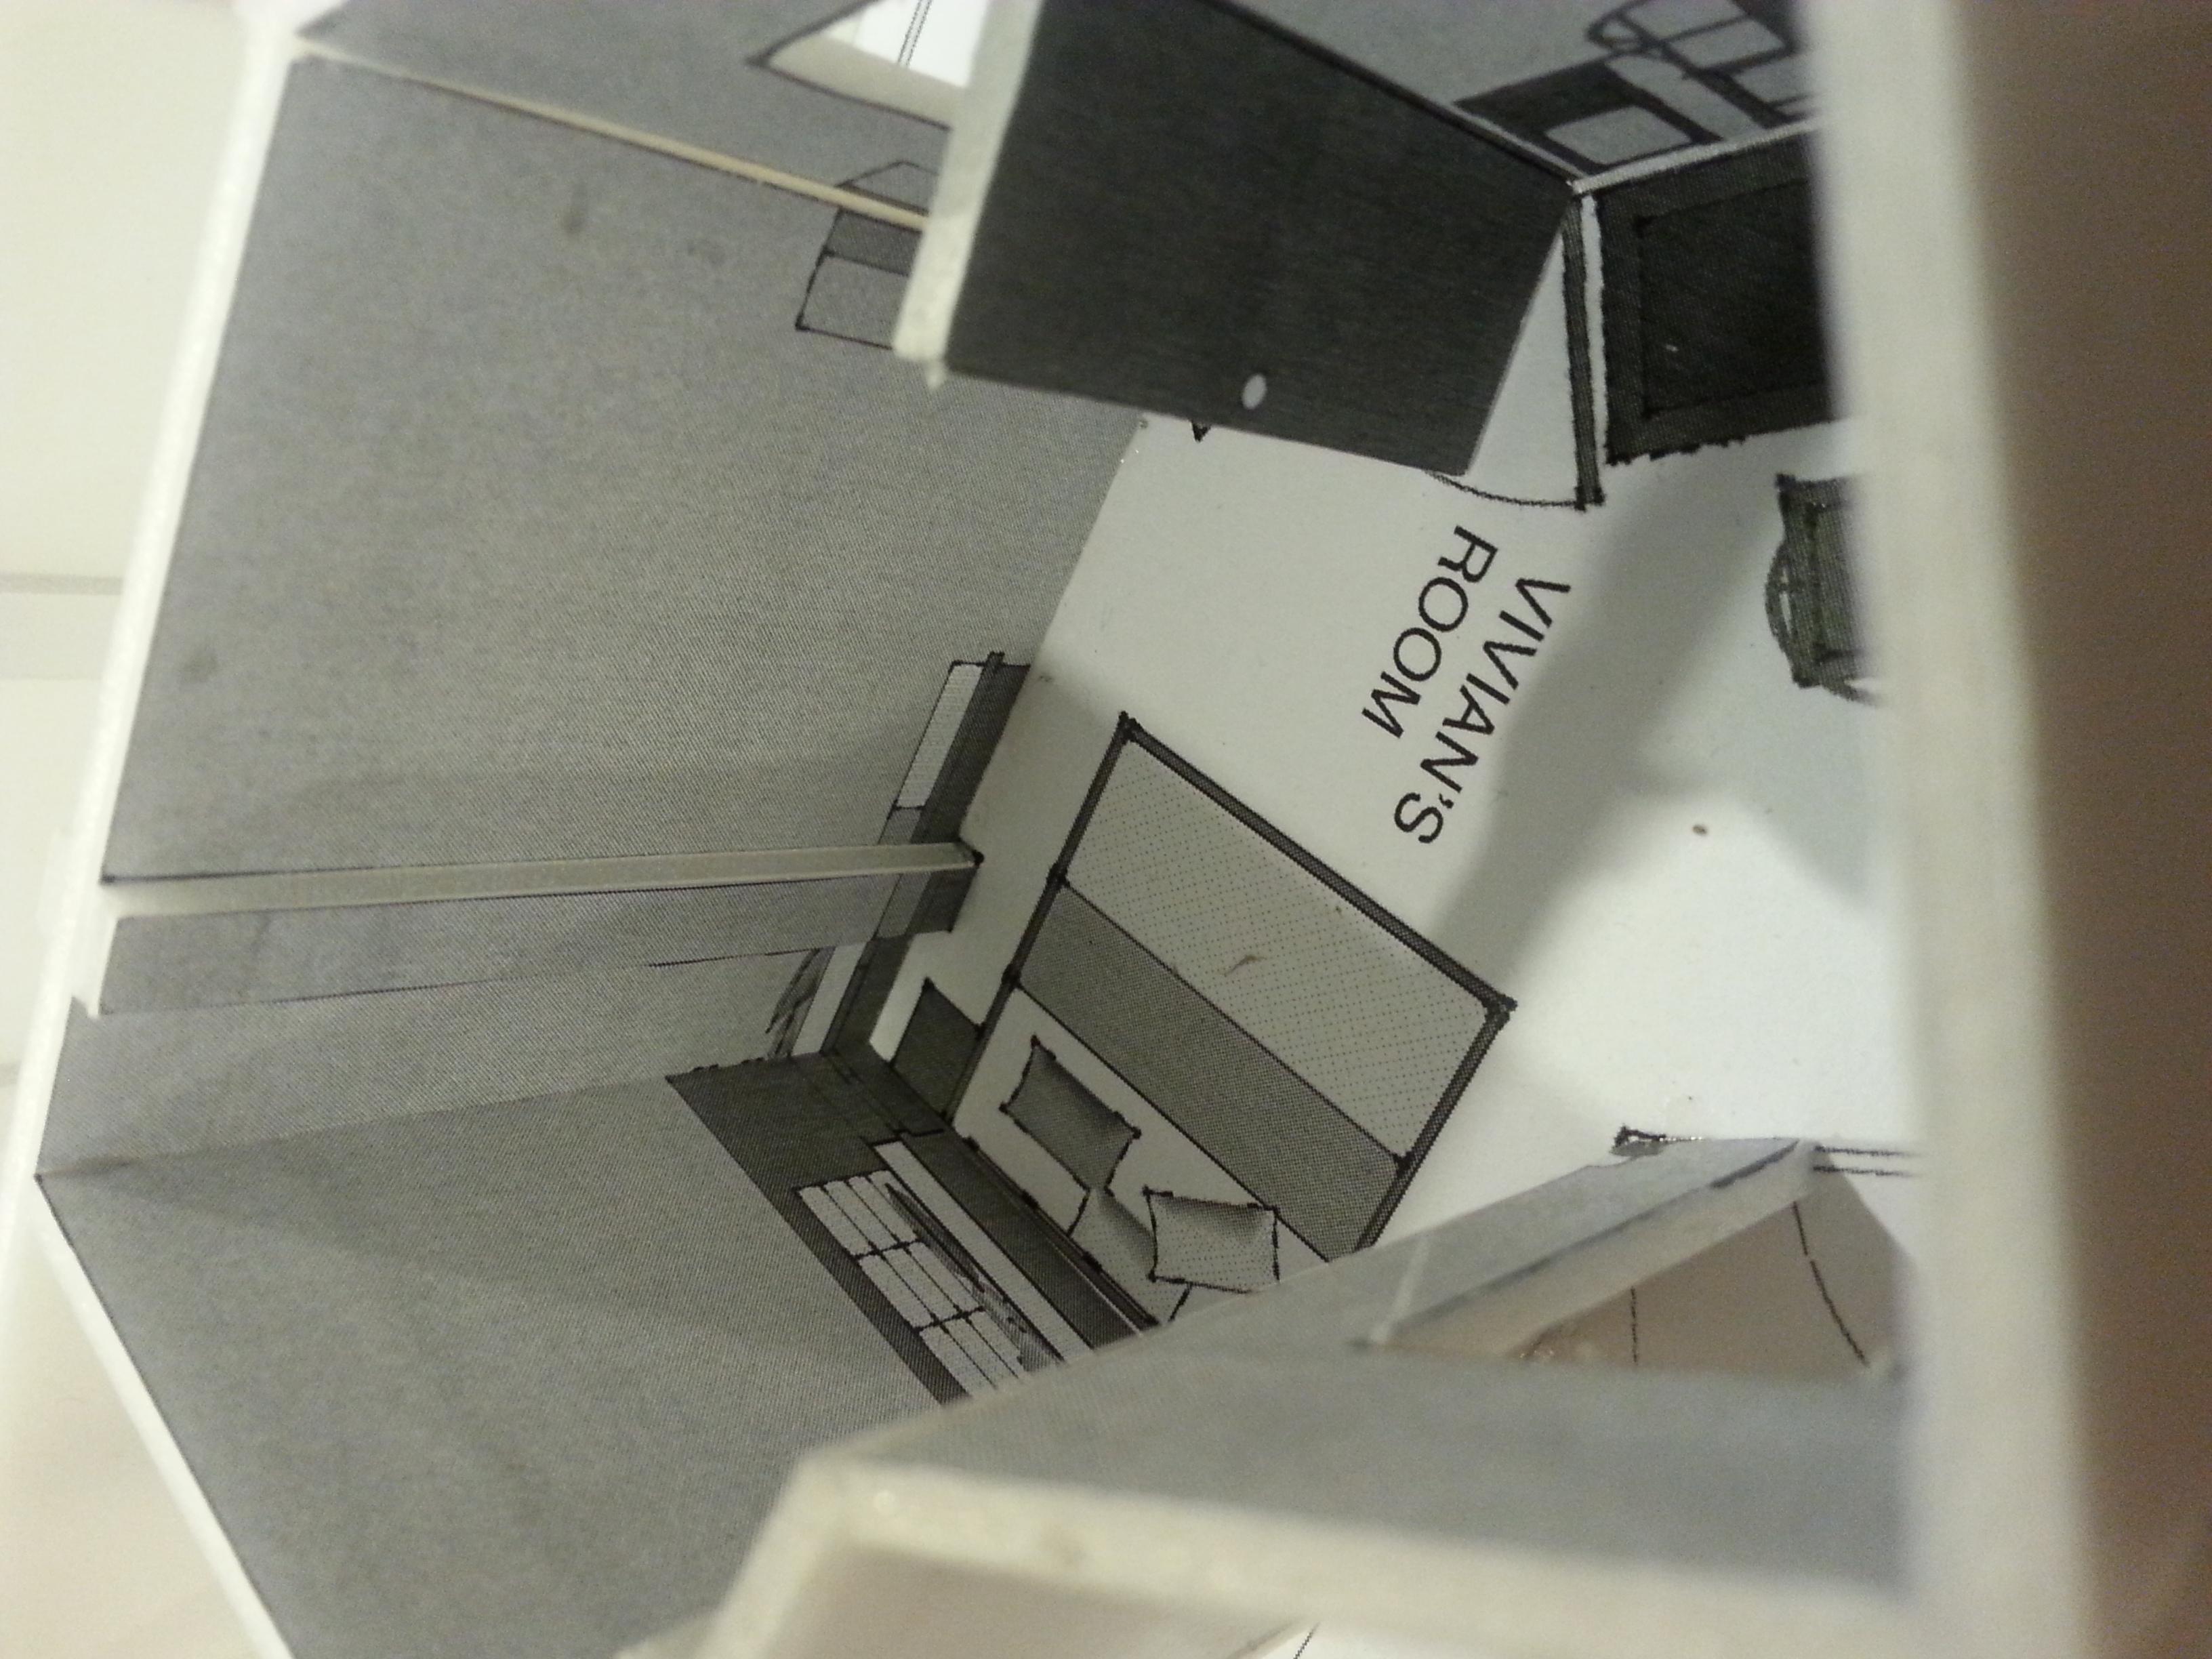 White Model of Vivian's Room